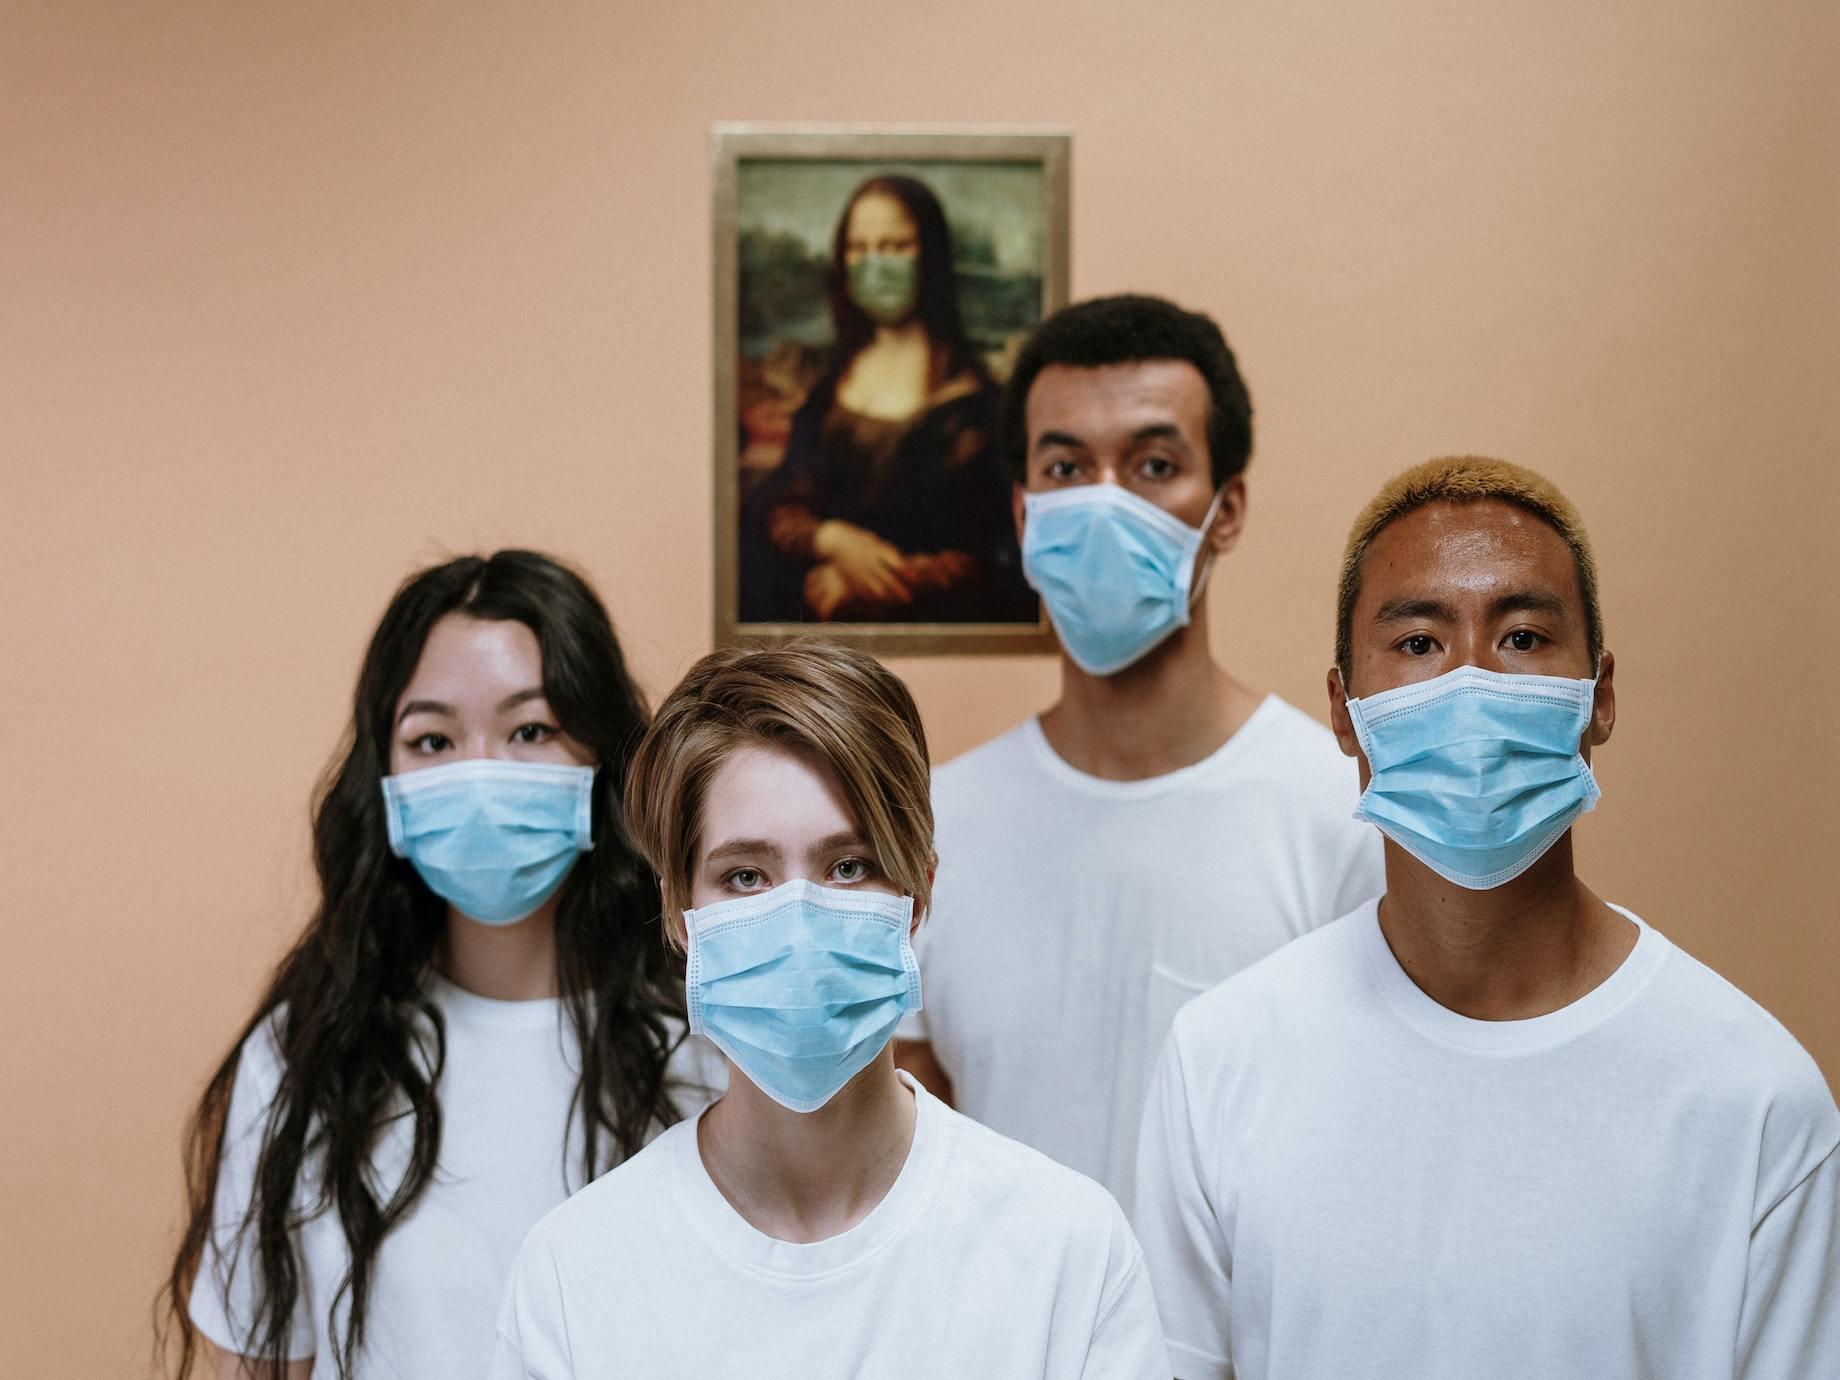 從禽流感、SARS到武漢肺炎⋯與未知病毒共存的當代,該如何自處才能守護健康?